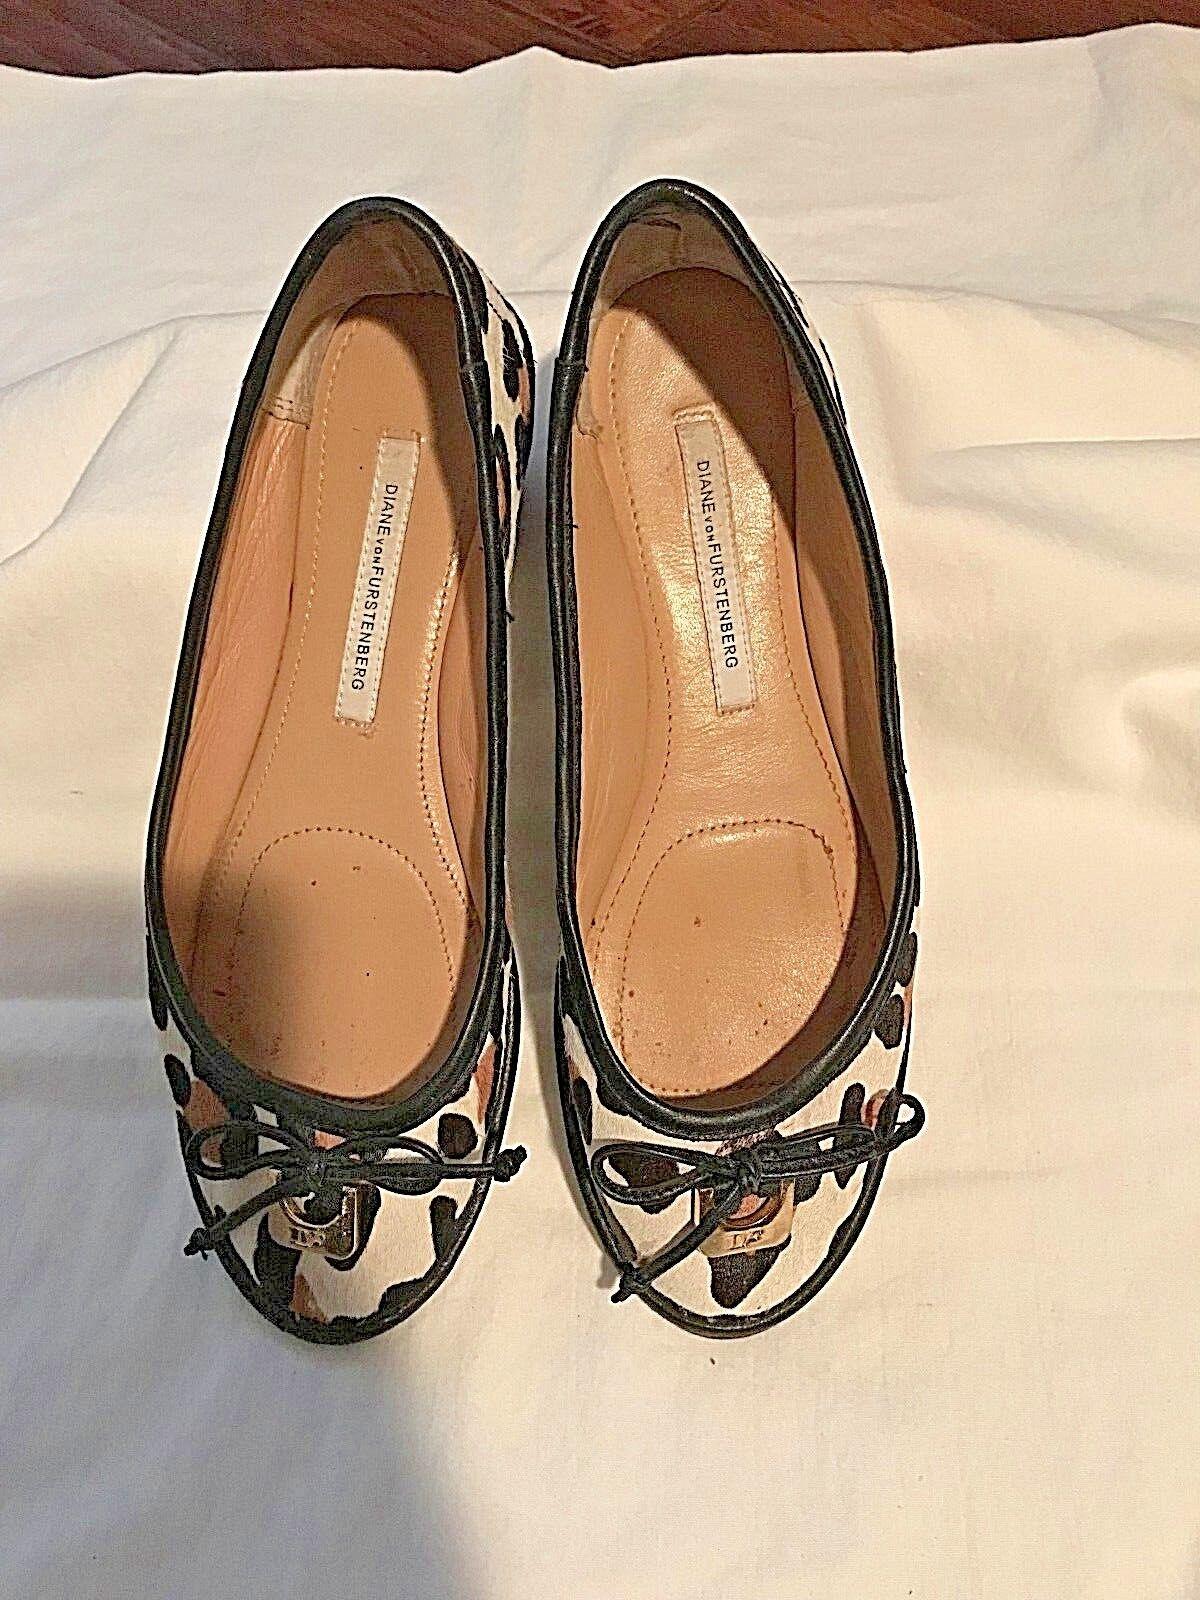 Diane Von Furstenberg Womens 7.5 M Calf Hair Leopard Pumps Heels